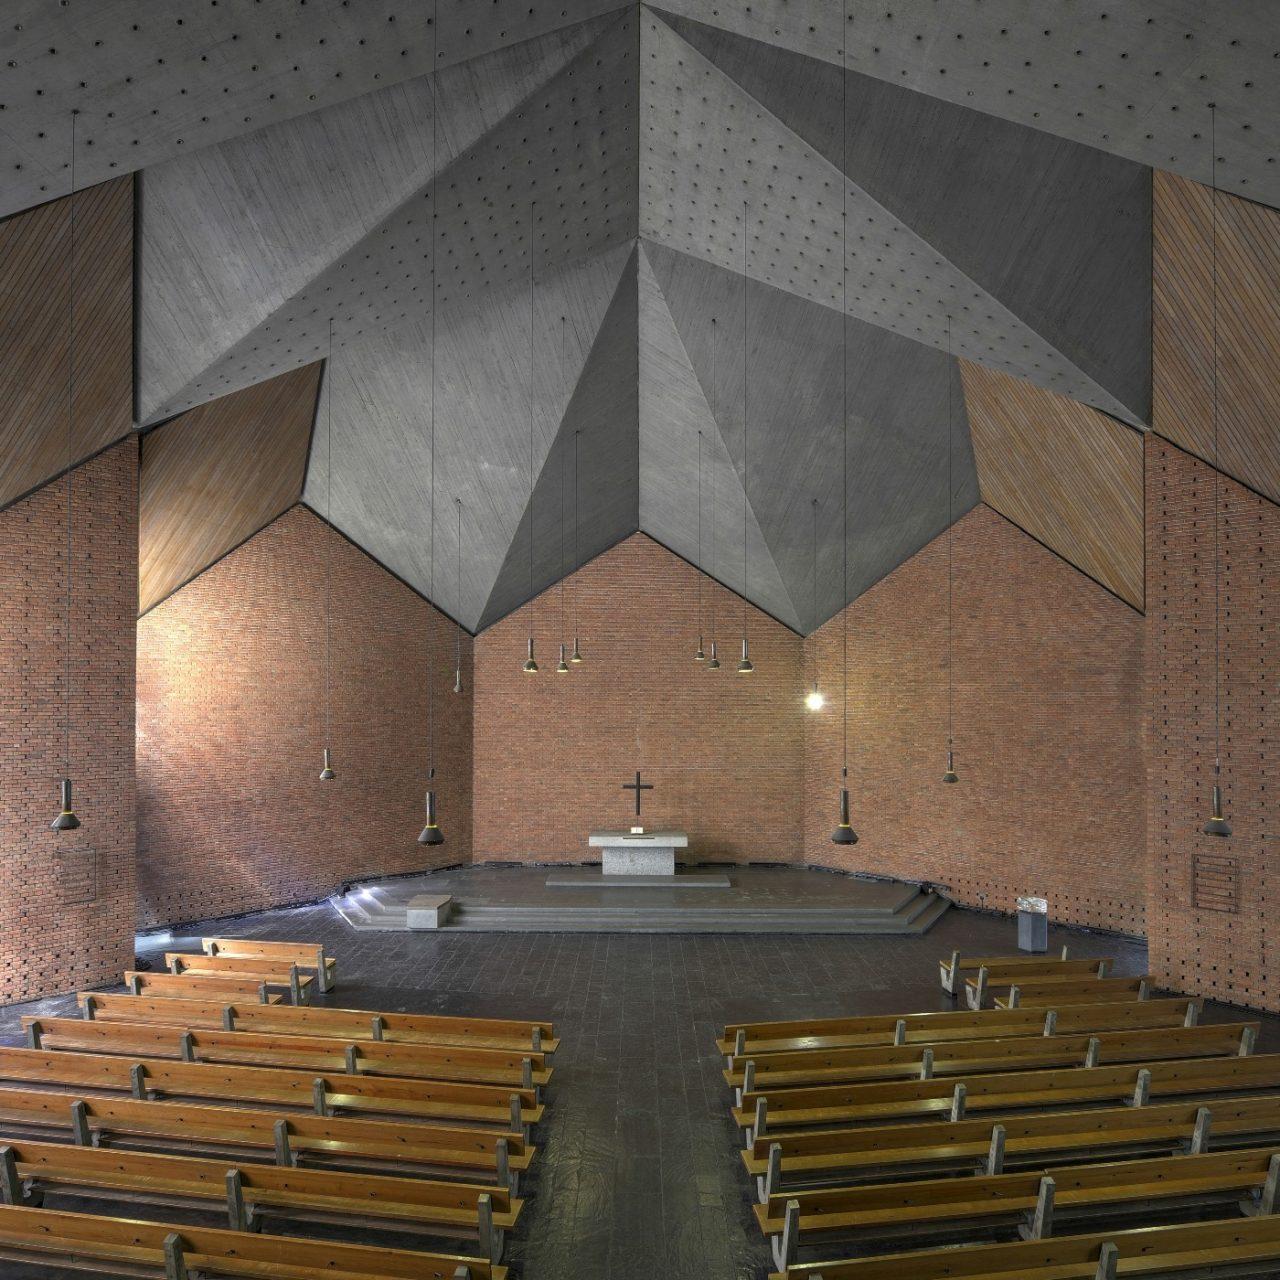 Christuskirche Bochum. Oesterlen zählt zu den bedeutendsten Architekten der Nachkriegsepoche in Deutschland.